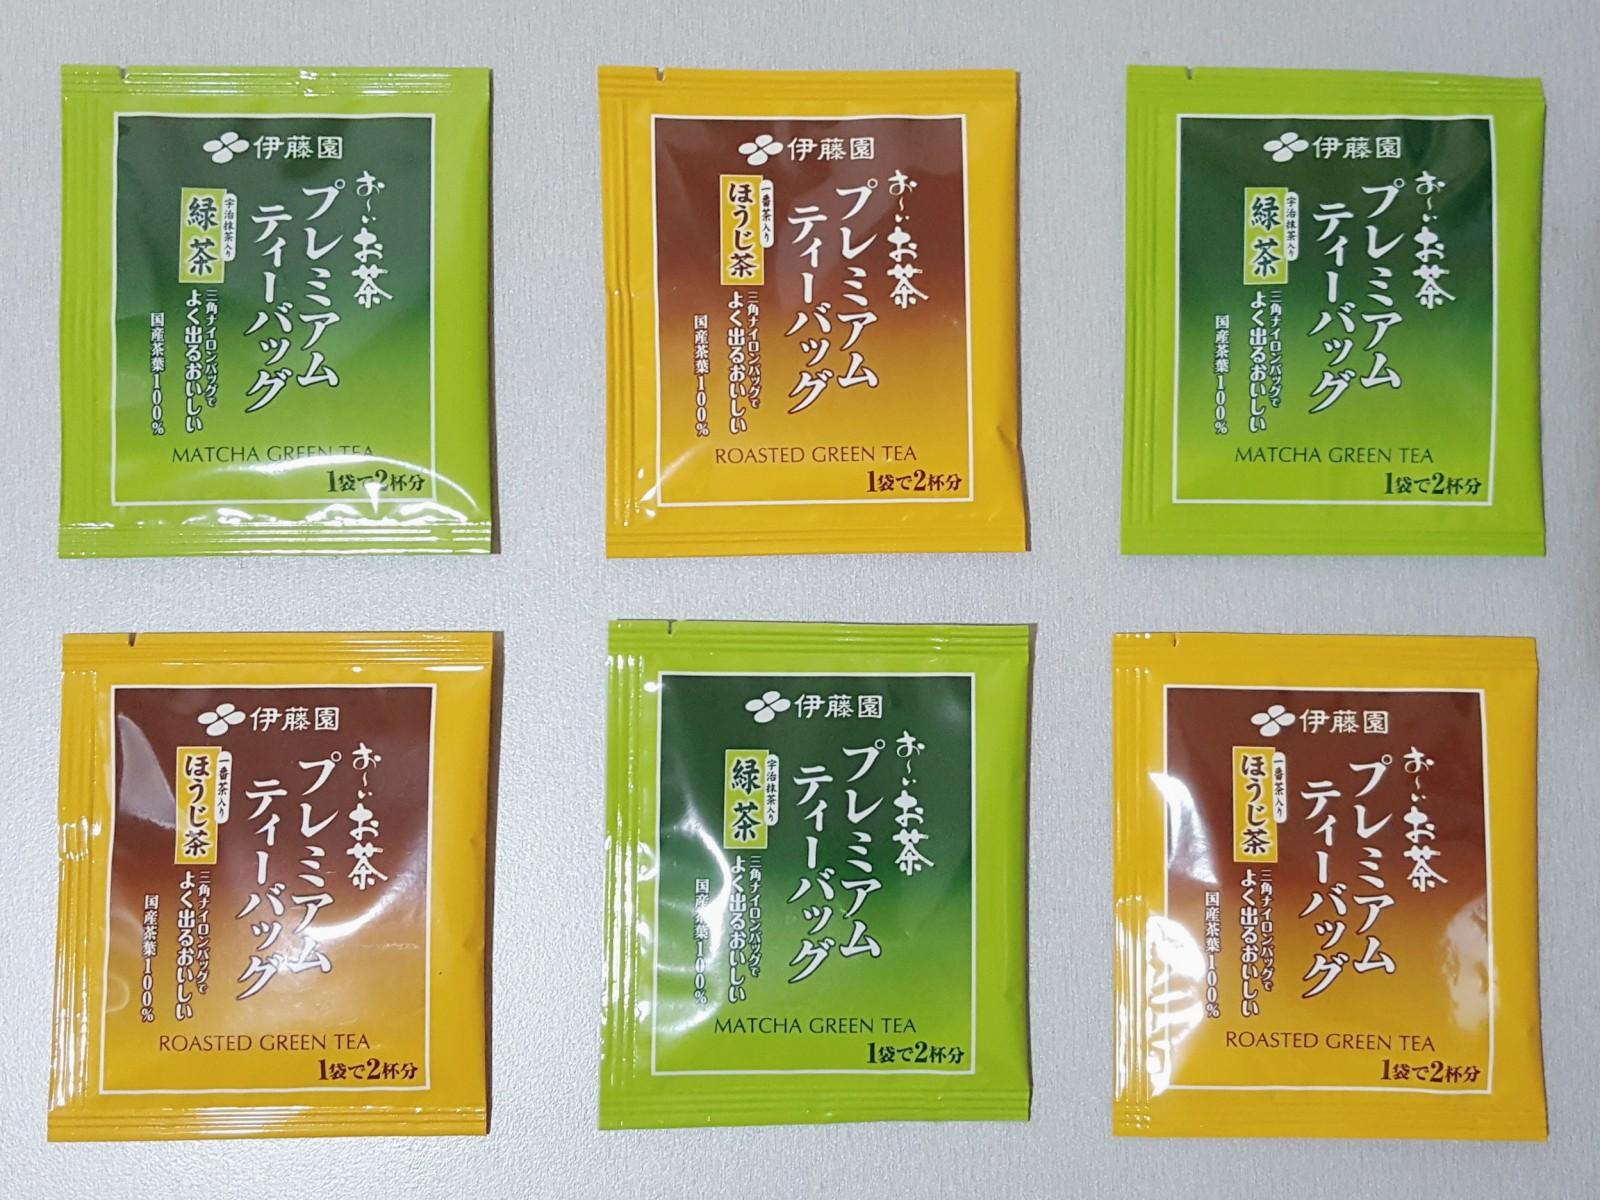 日本知名飲料公司伊藤園,盒裝茶包開箱-俳句欣賞。